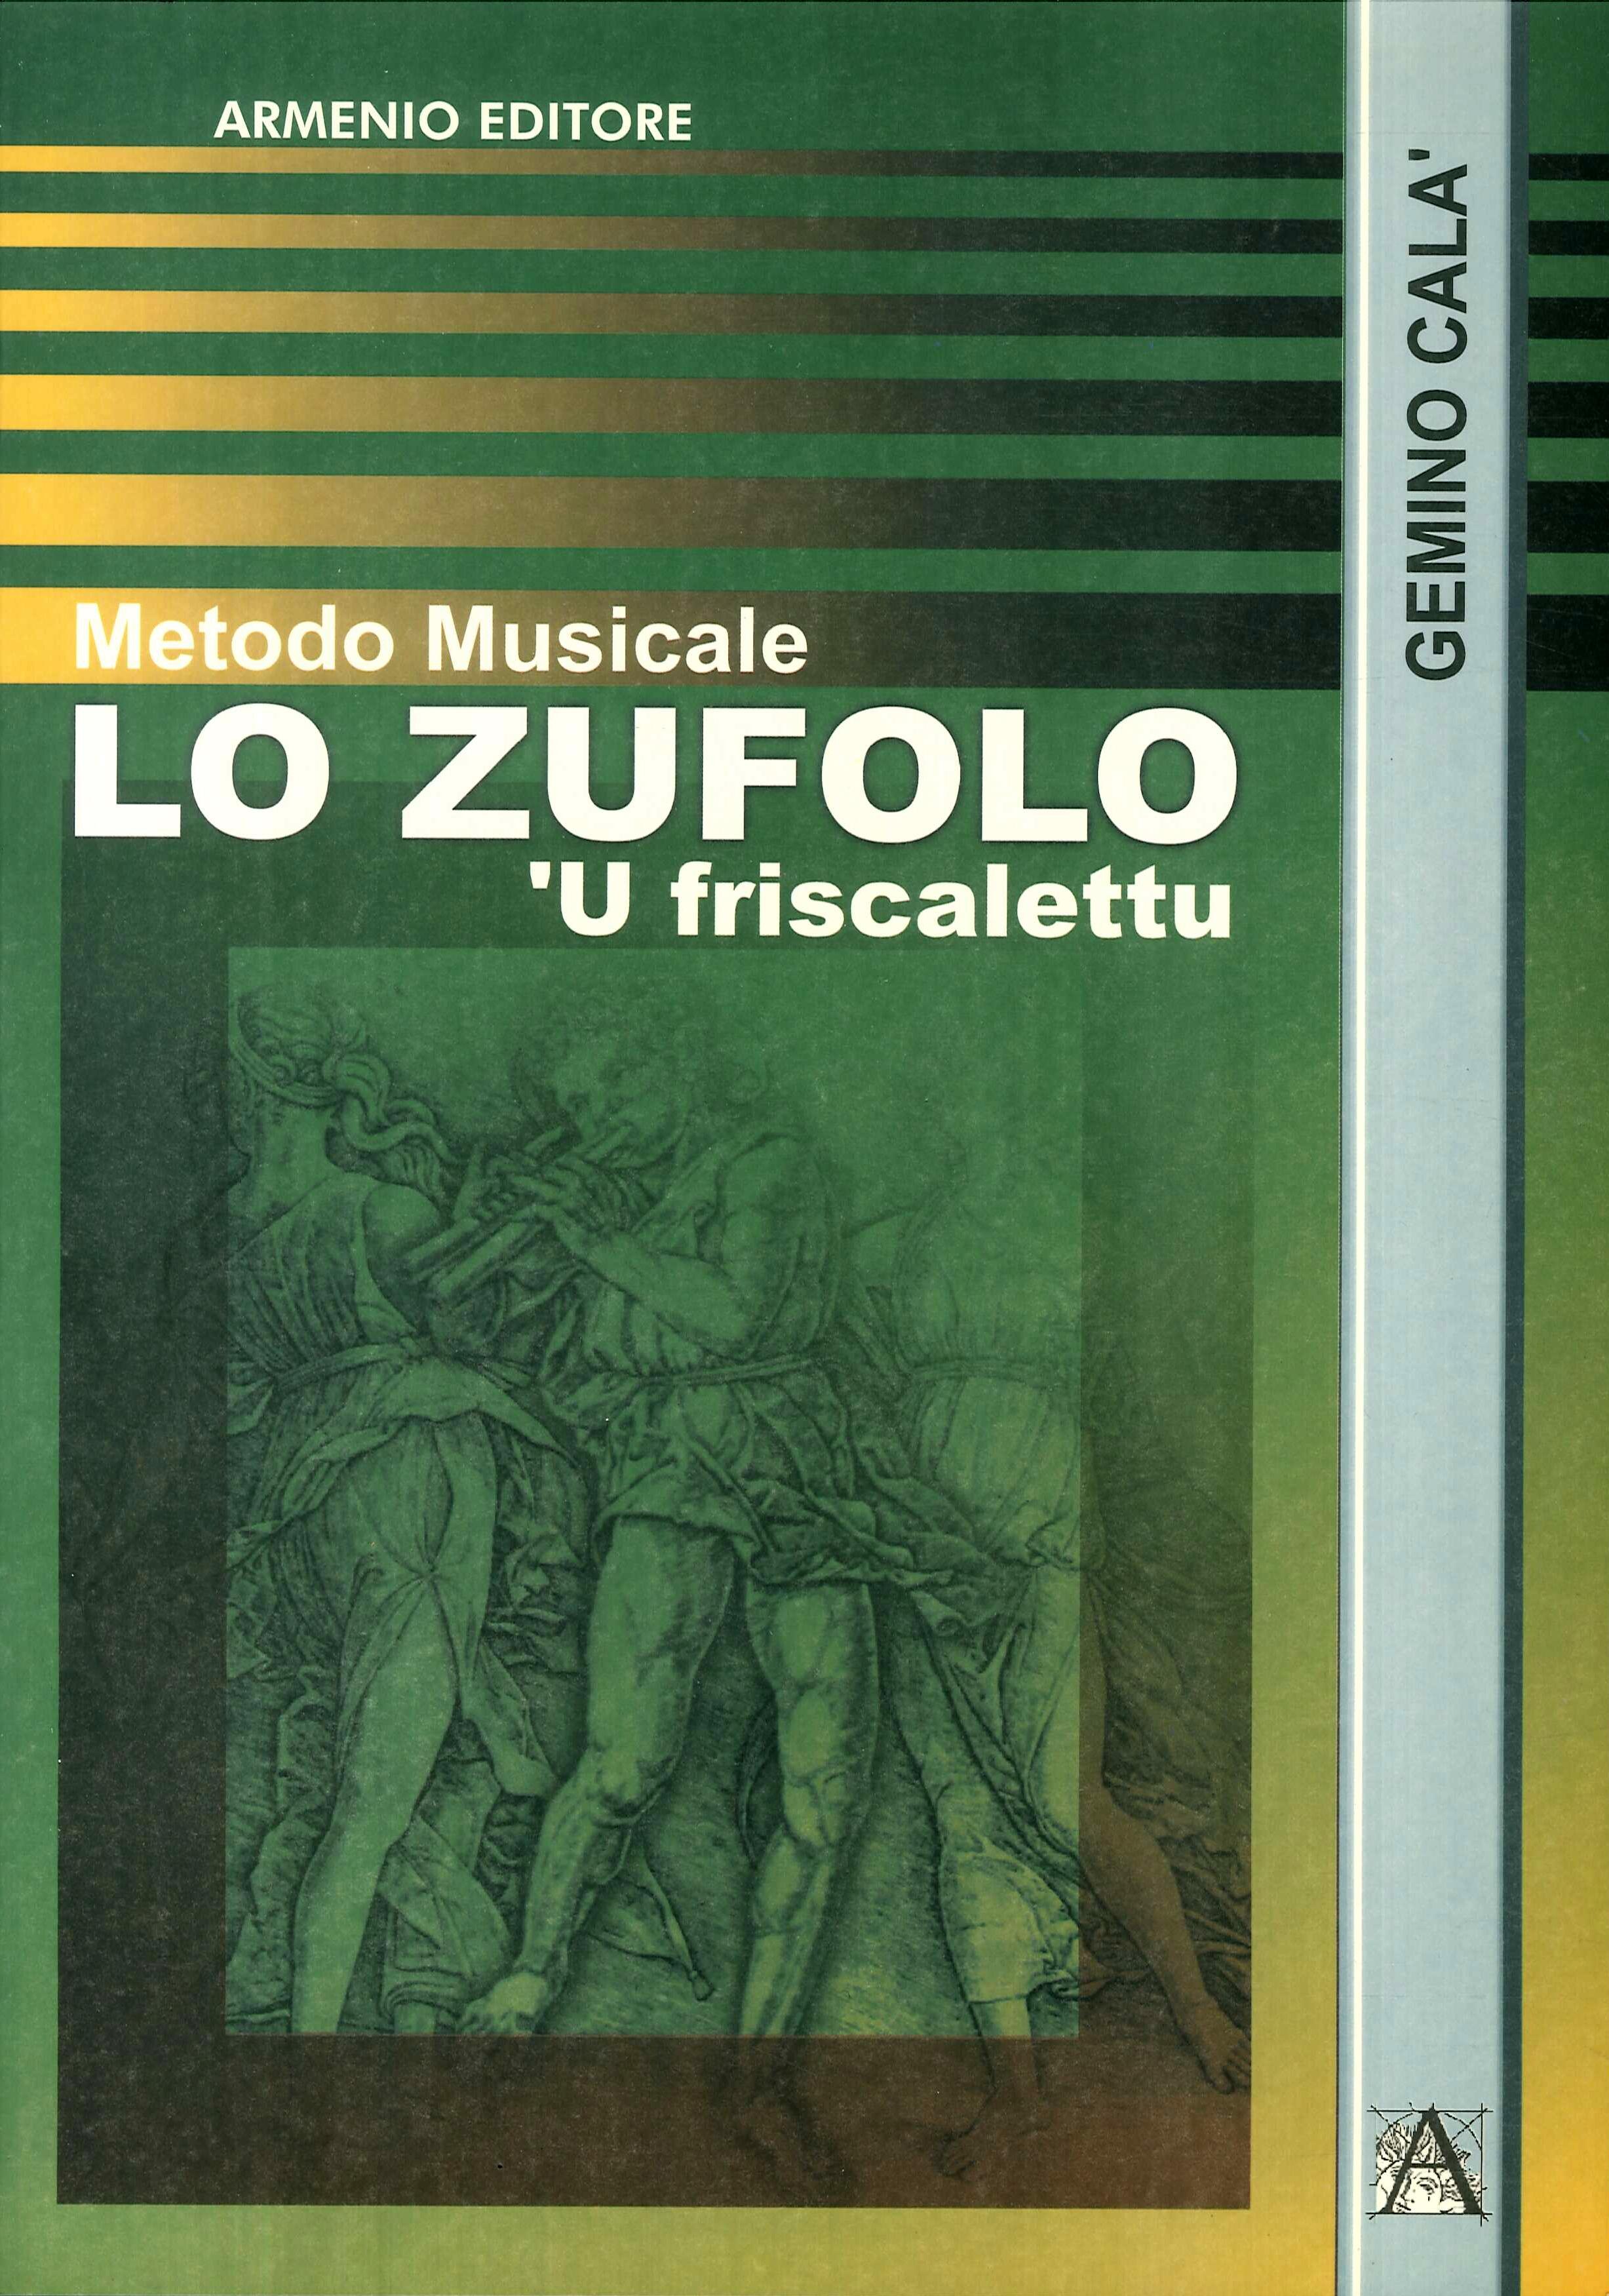 Metodo musicale. Lo zufolo. 'U friscalettu